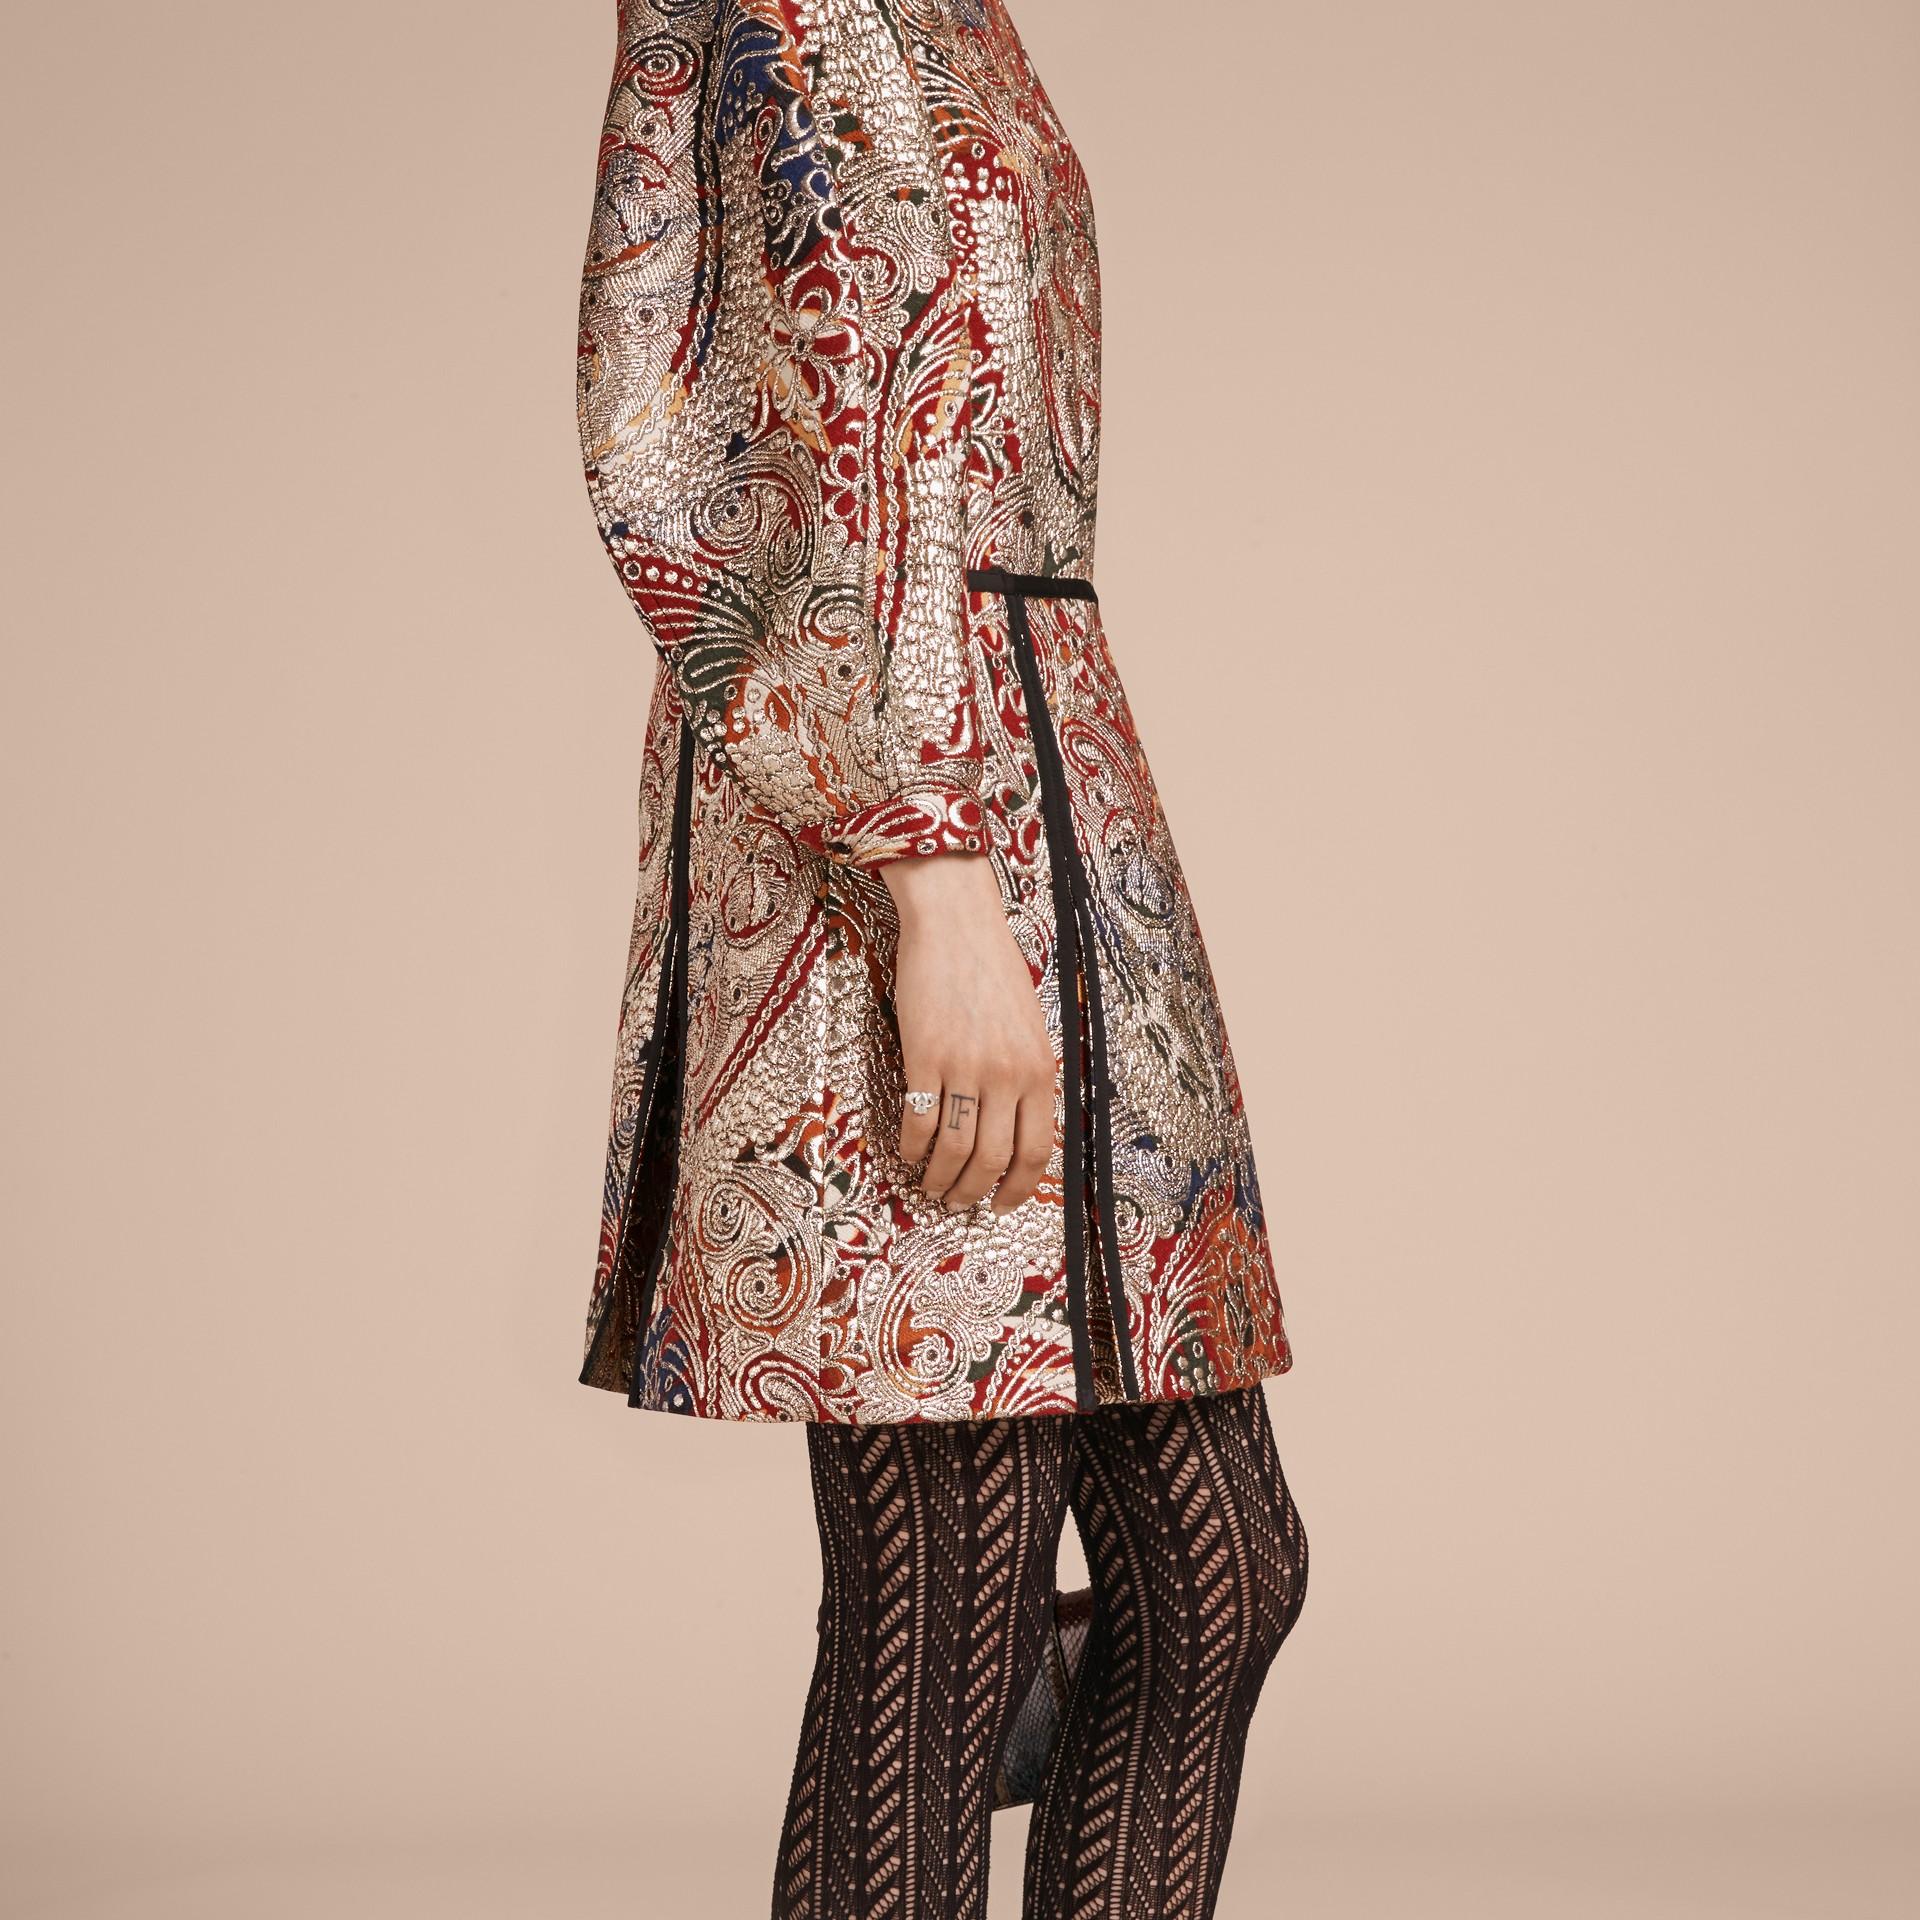 Brun roux Robe à manches sculpturales avec motif floral métallisé en jacquard - photo de la galerie 6